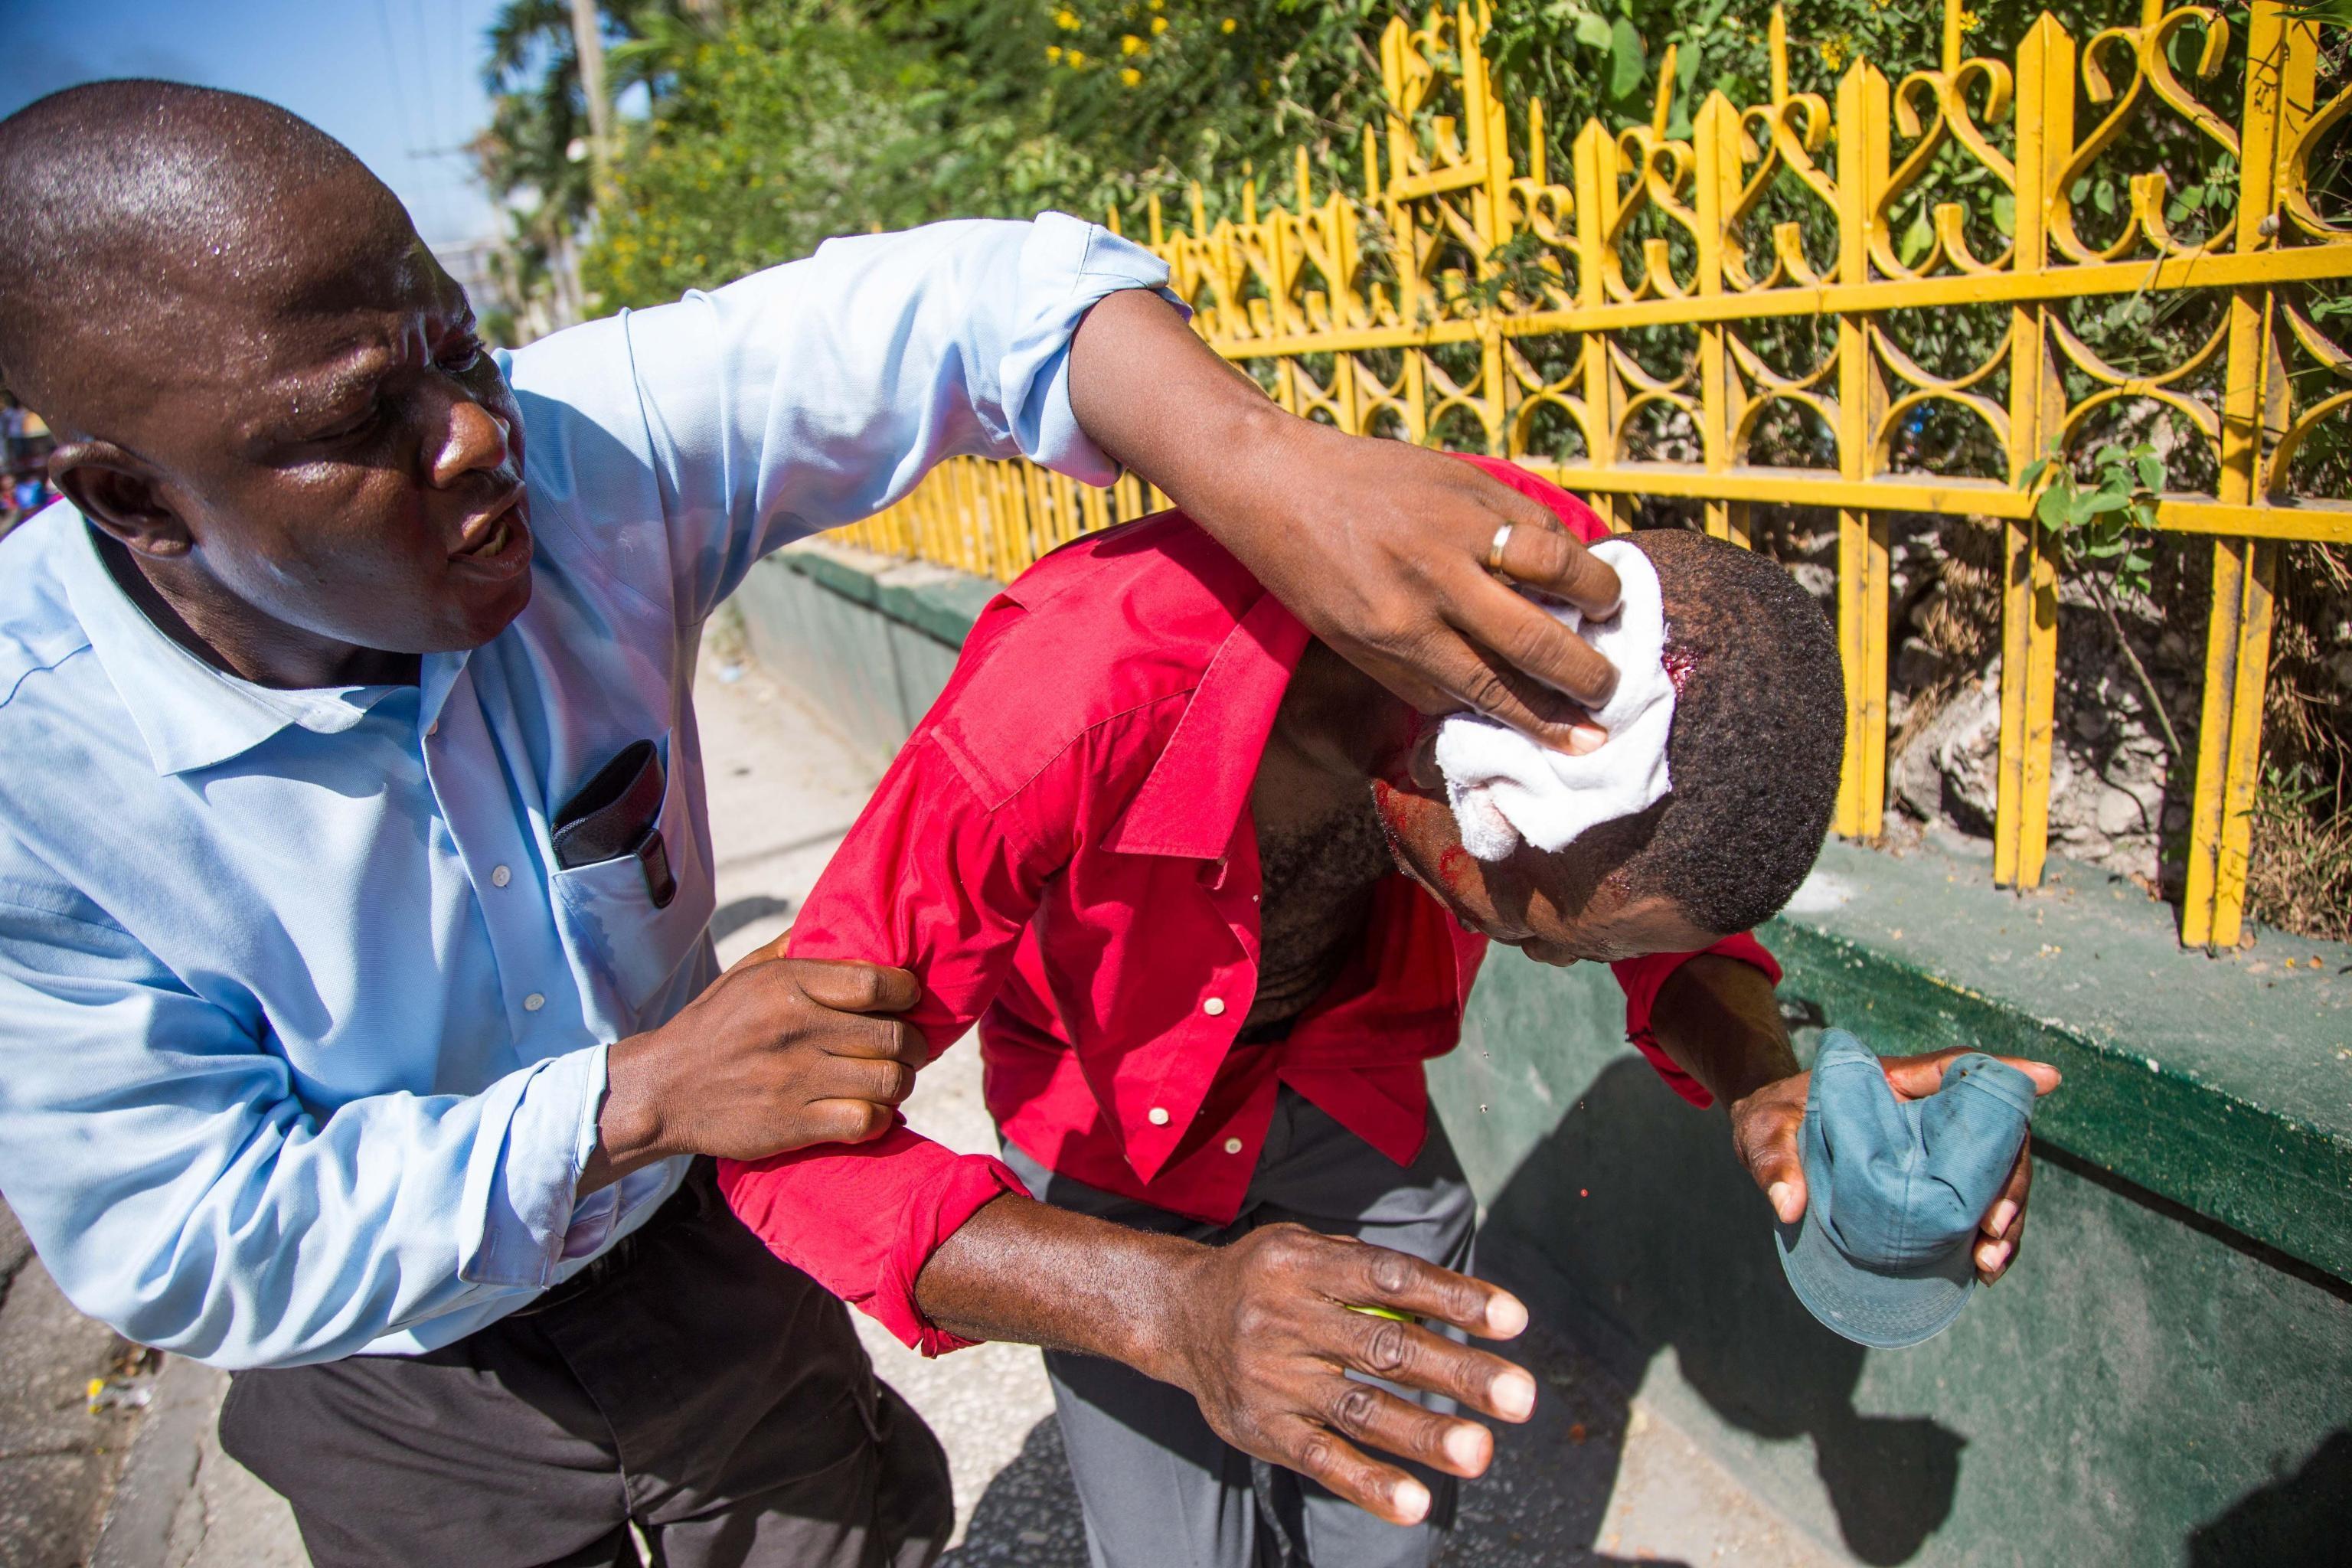 Un manifestate ferito alla testa viene aiutato da un uomo